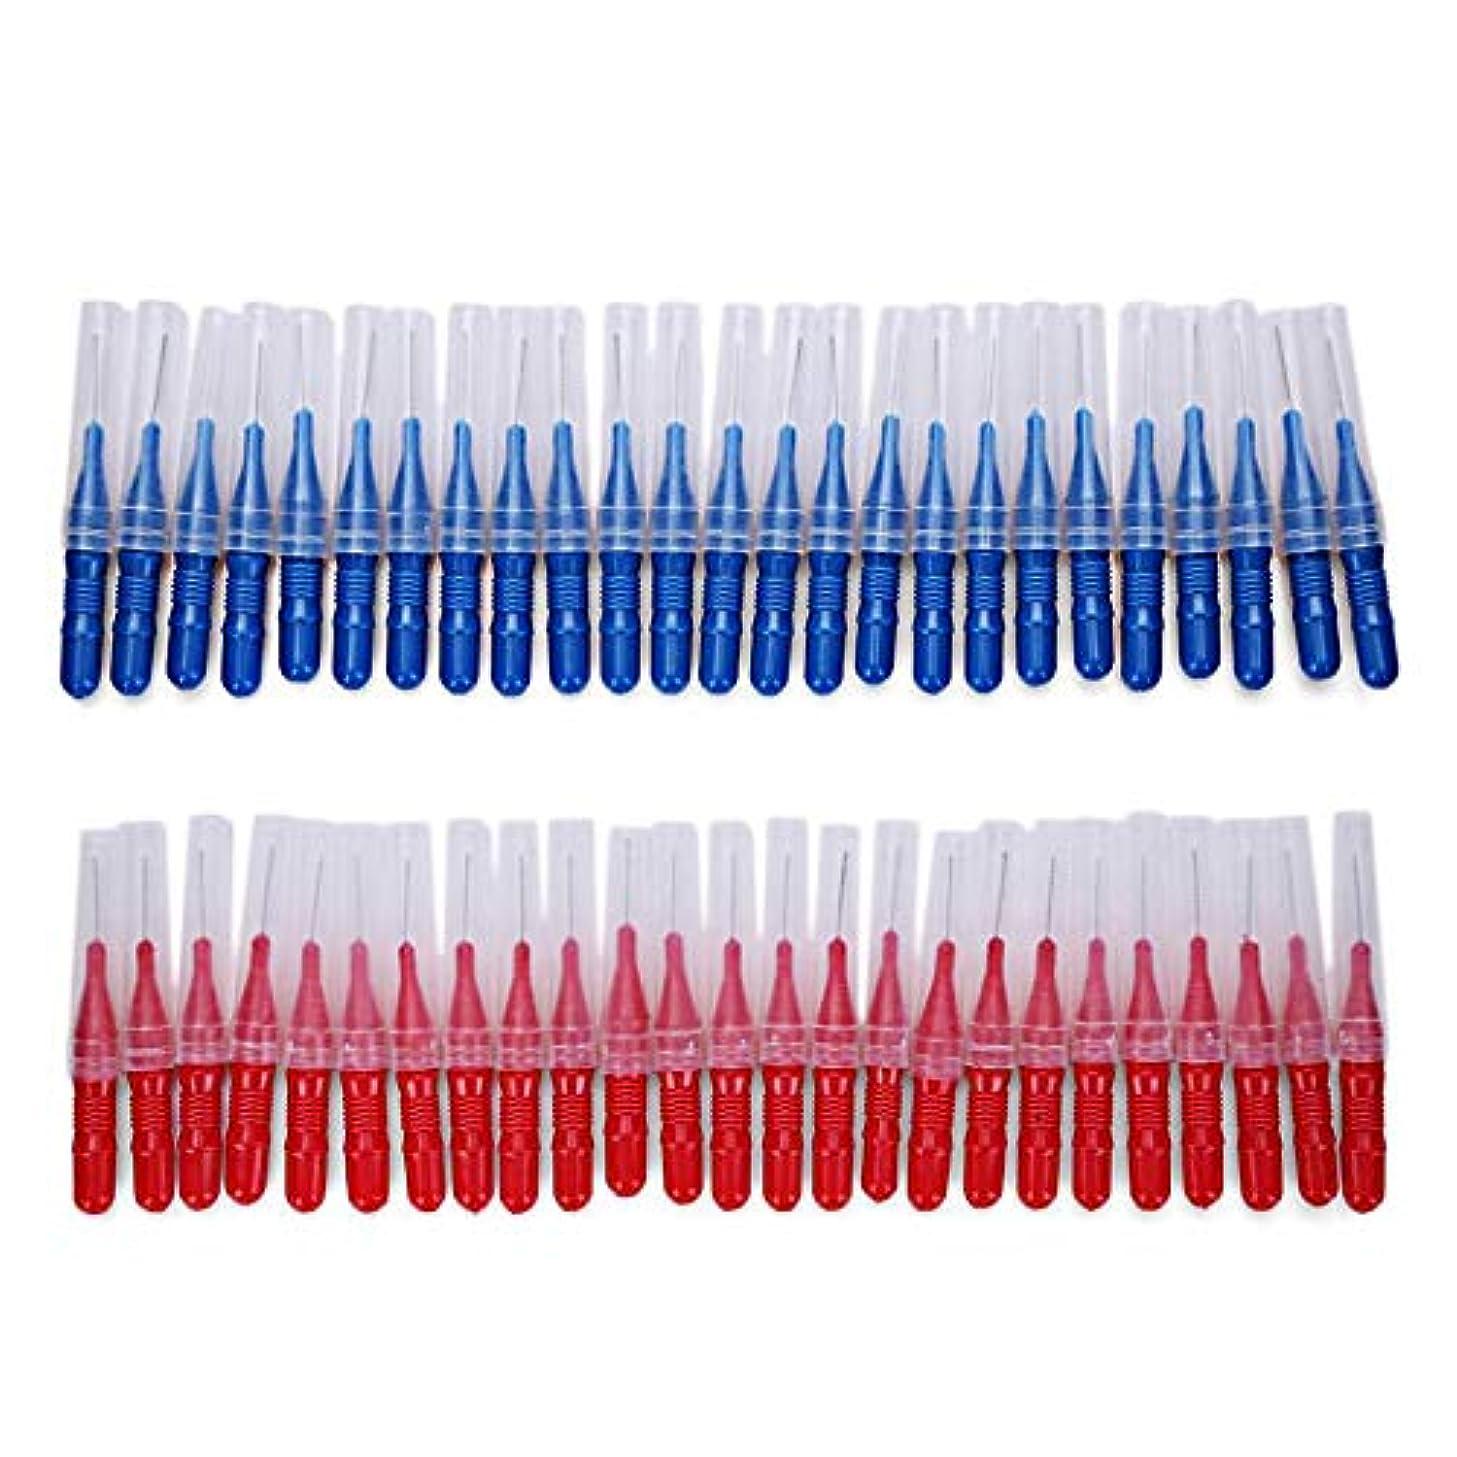 分泌する才能ラップトップAAcreatspace 2.5 MM 50ピース/セット歯磨き歯歯間歯ブラシクリーニングツール歯のケア歯間ブラシ